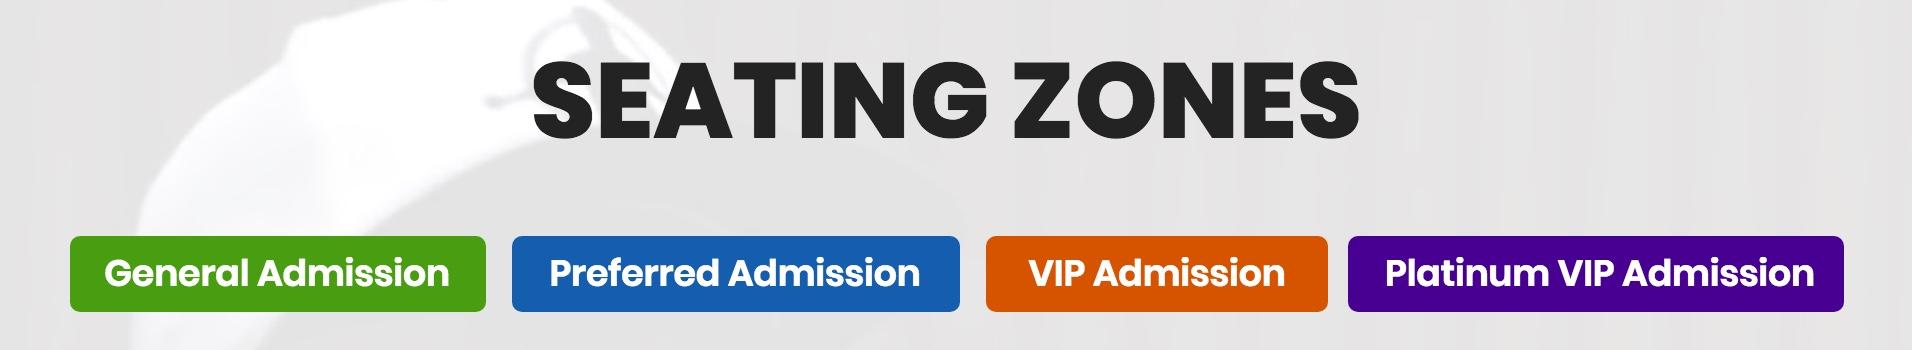 Seating Zones